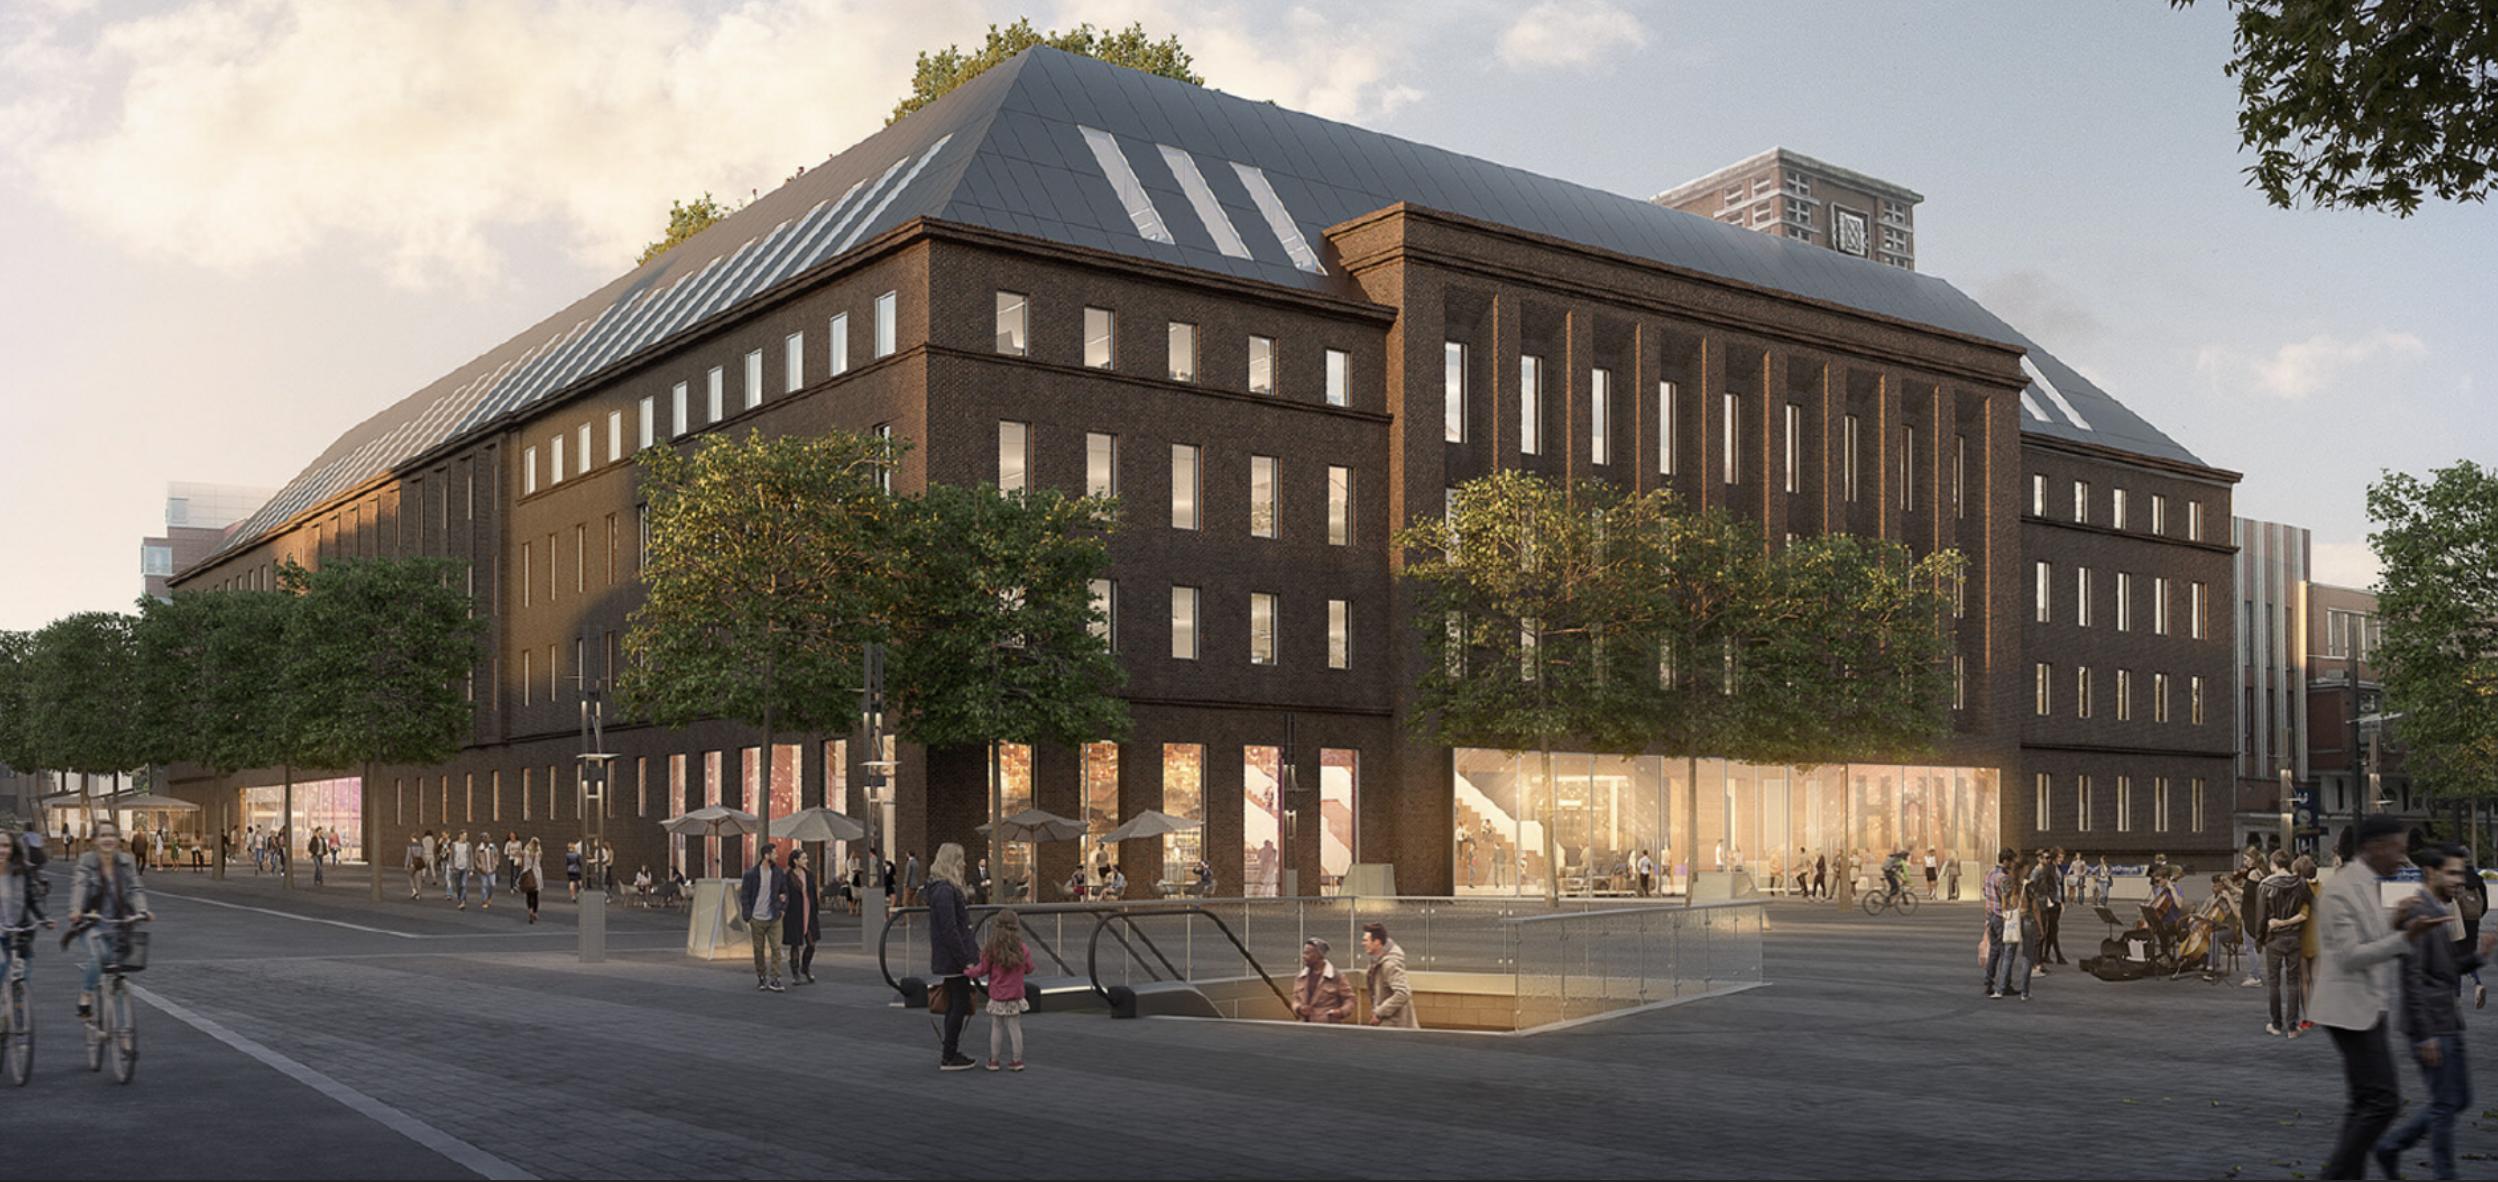 Das Haus des Wissen in der Stadt Bochum